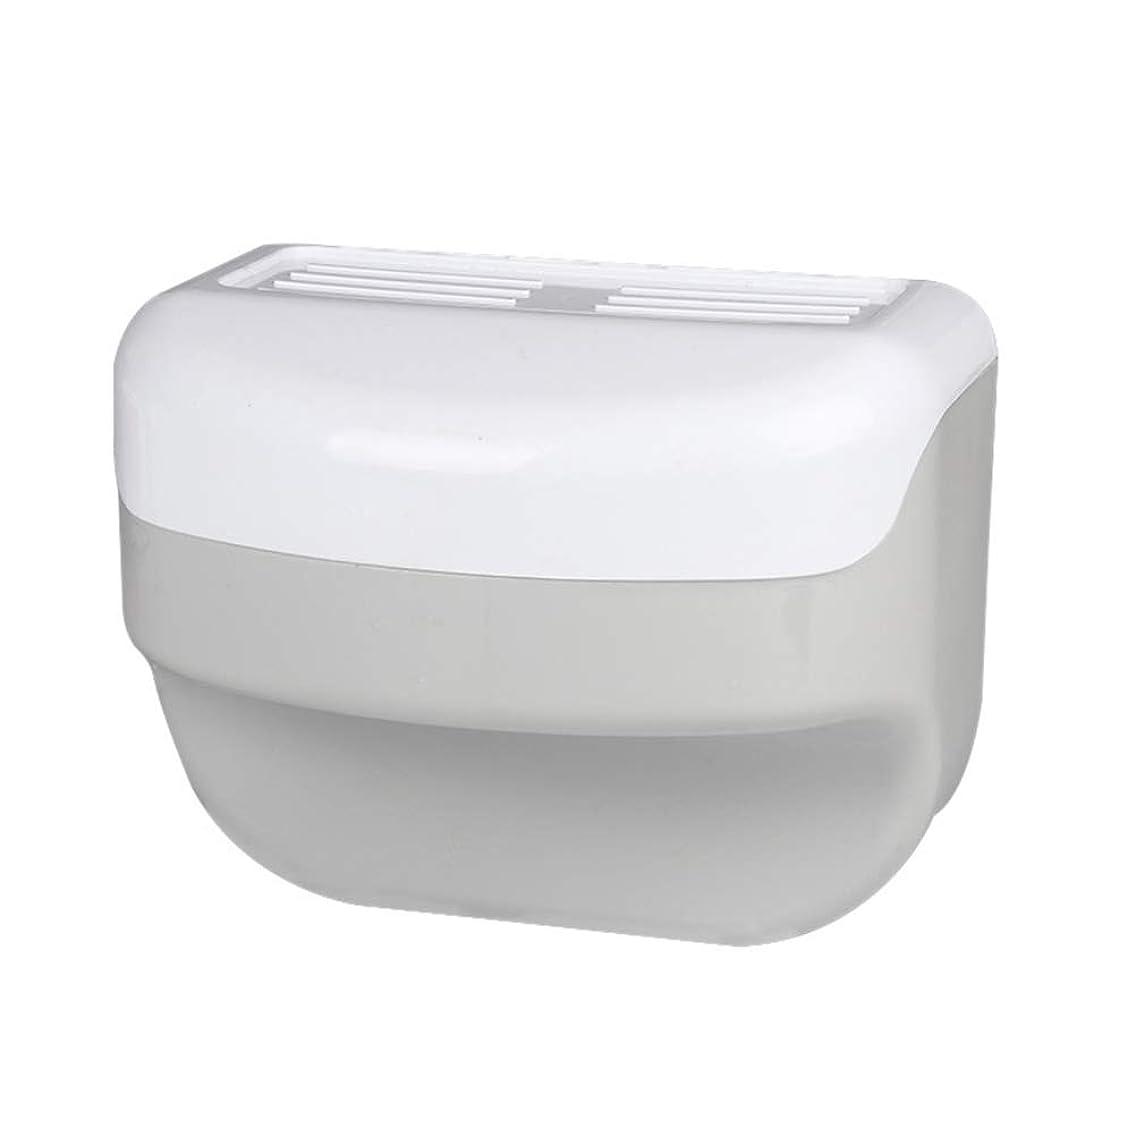 追い出す福祉洞窟TOPBATHY 浴室トイレティッシュボックスラック壁吸盤ロールホルダーフリー掘削ネイルフリーティッシュボックス